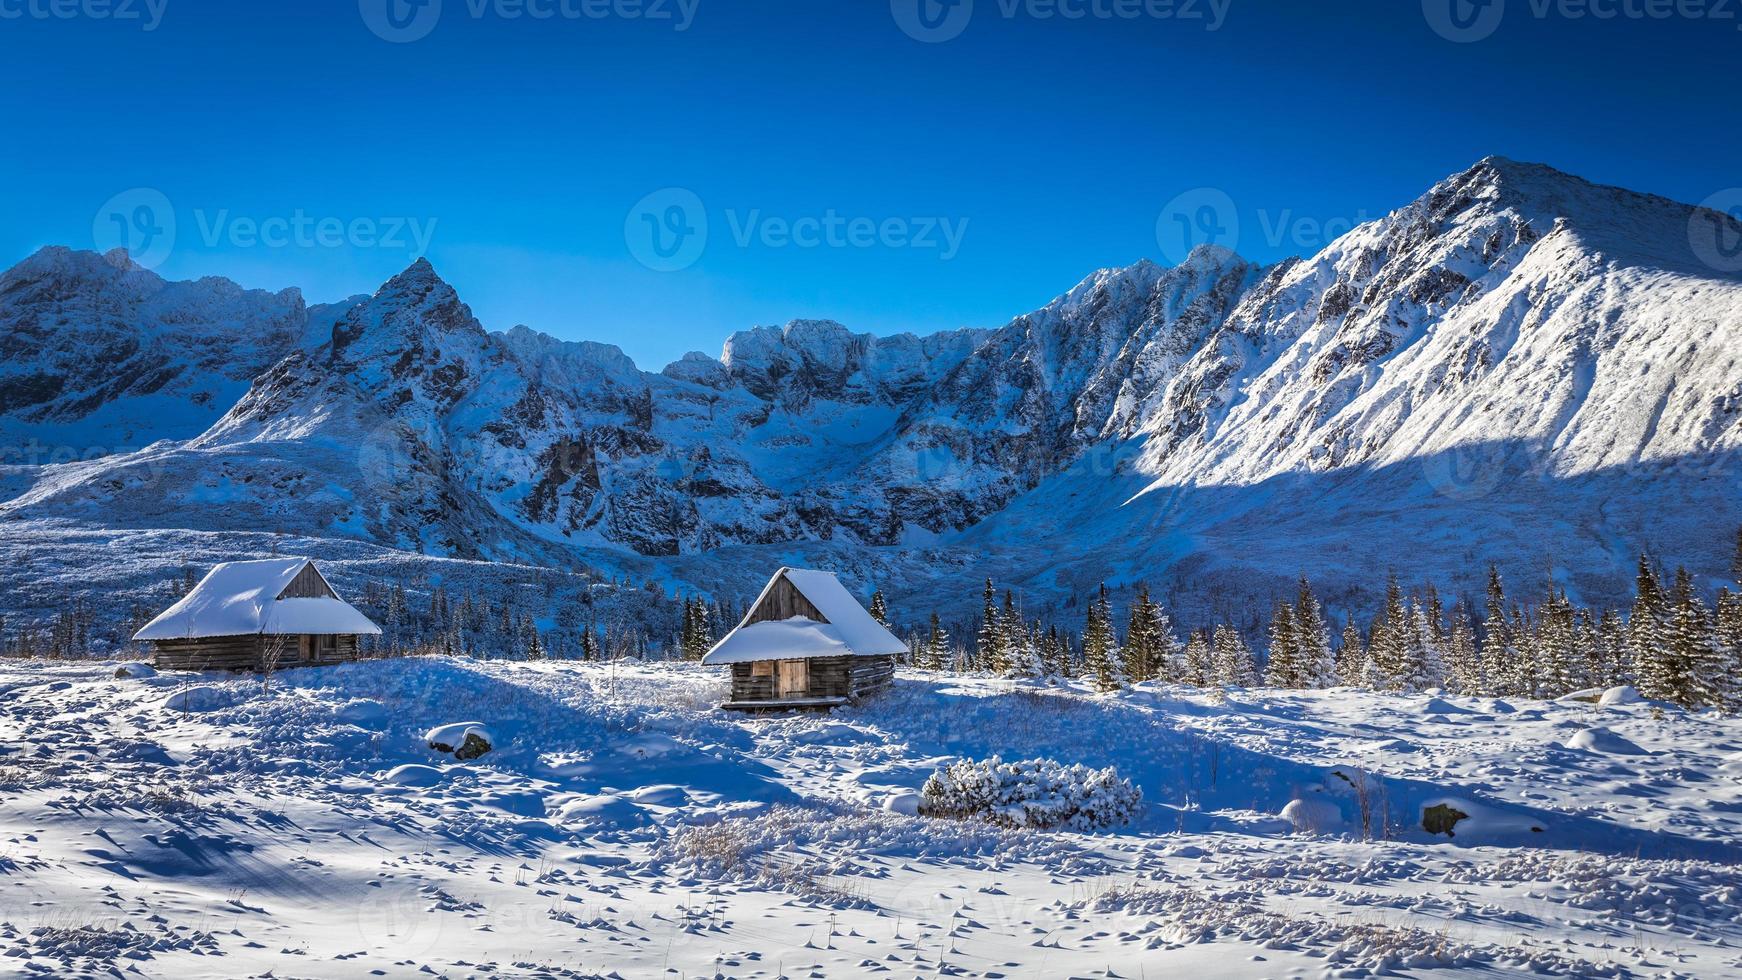 genieße deine Winterzeit in den Bergen foto